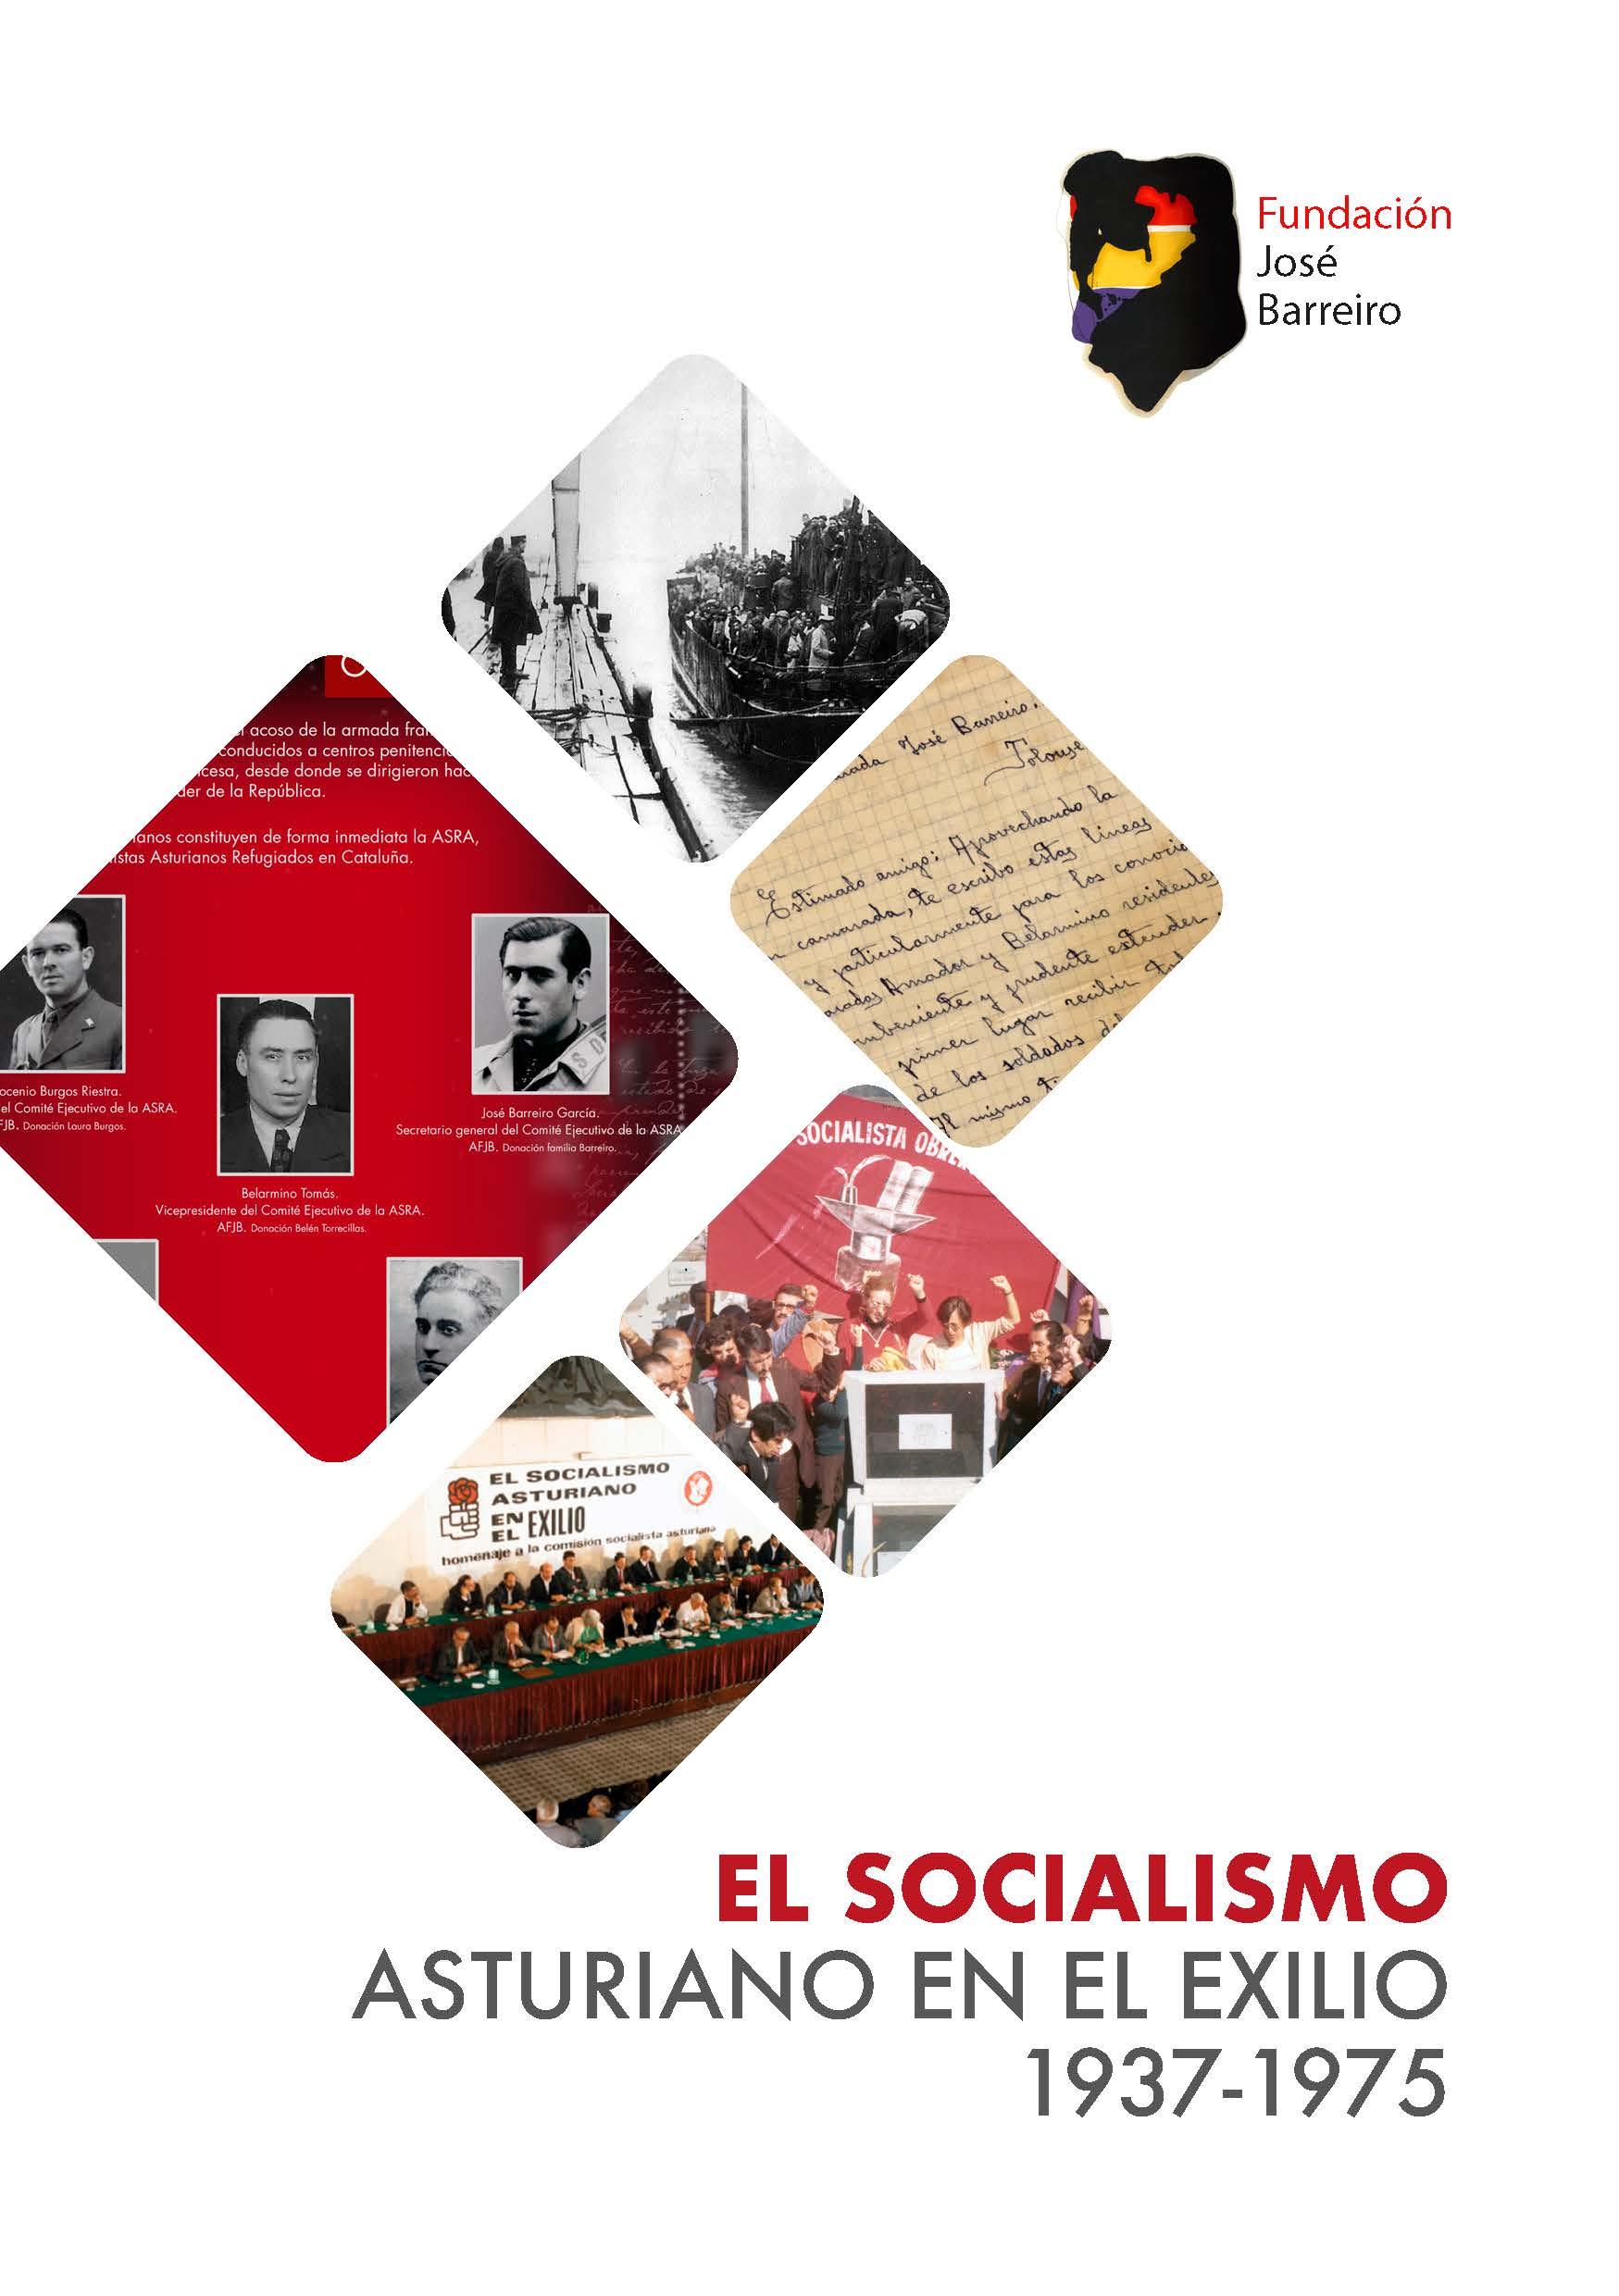 Presentación online de la exposición «El socialismo asturiano en el exilio 1937-1975»